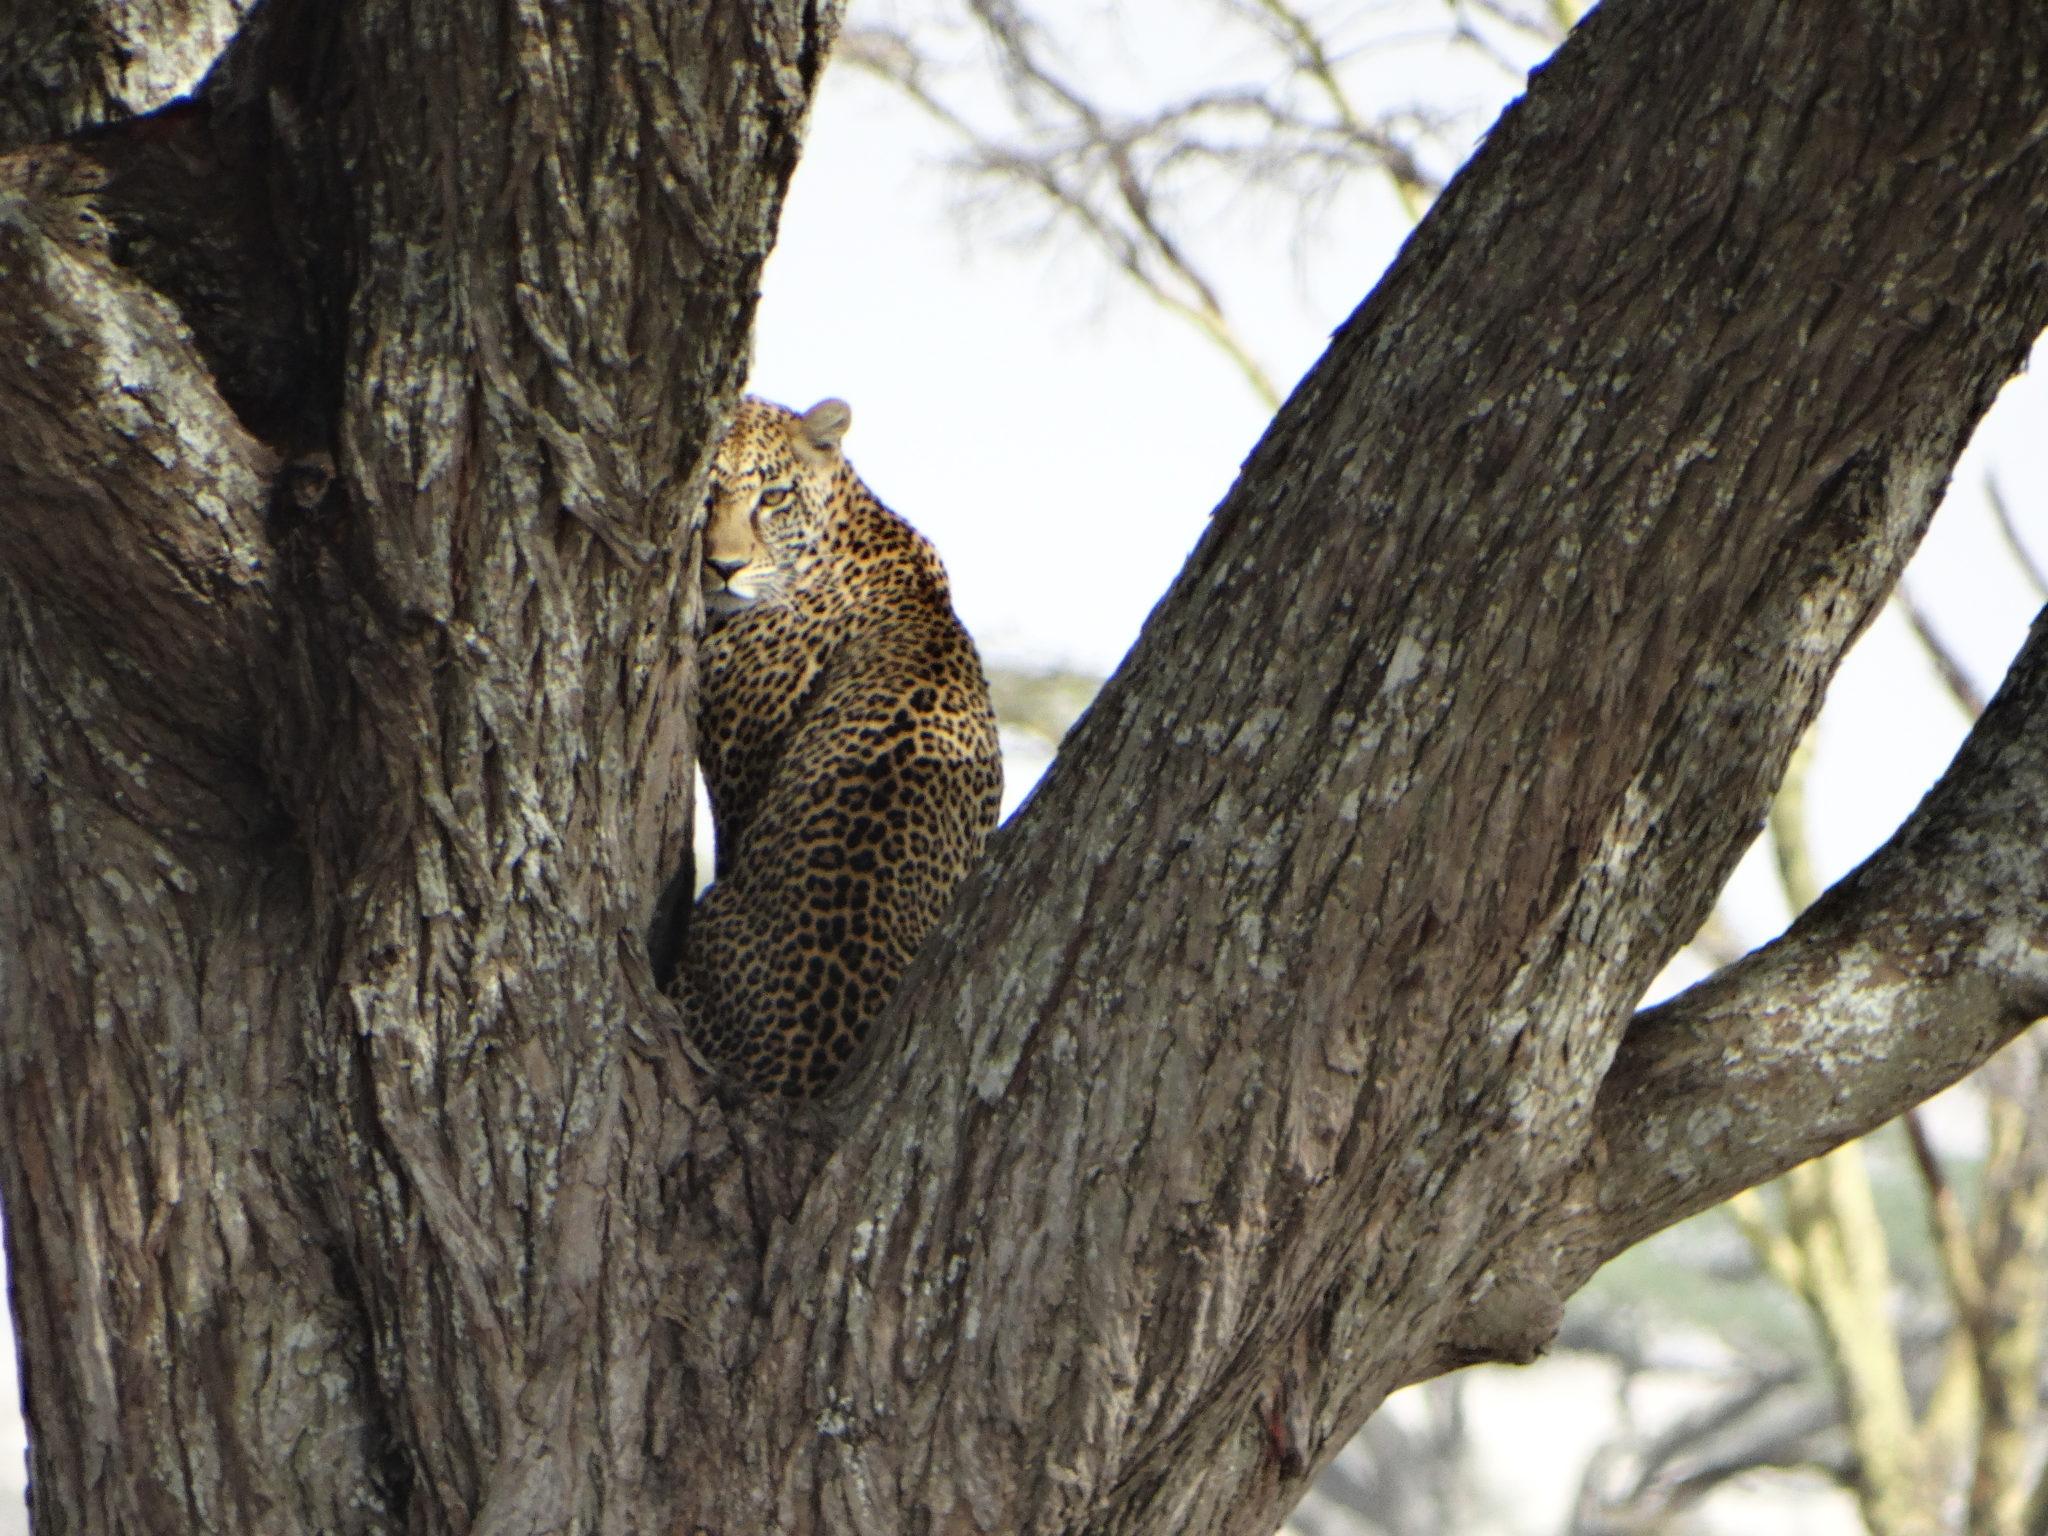 Eindelijk, een luipaard gespot!